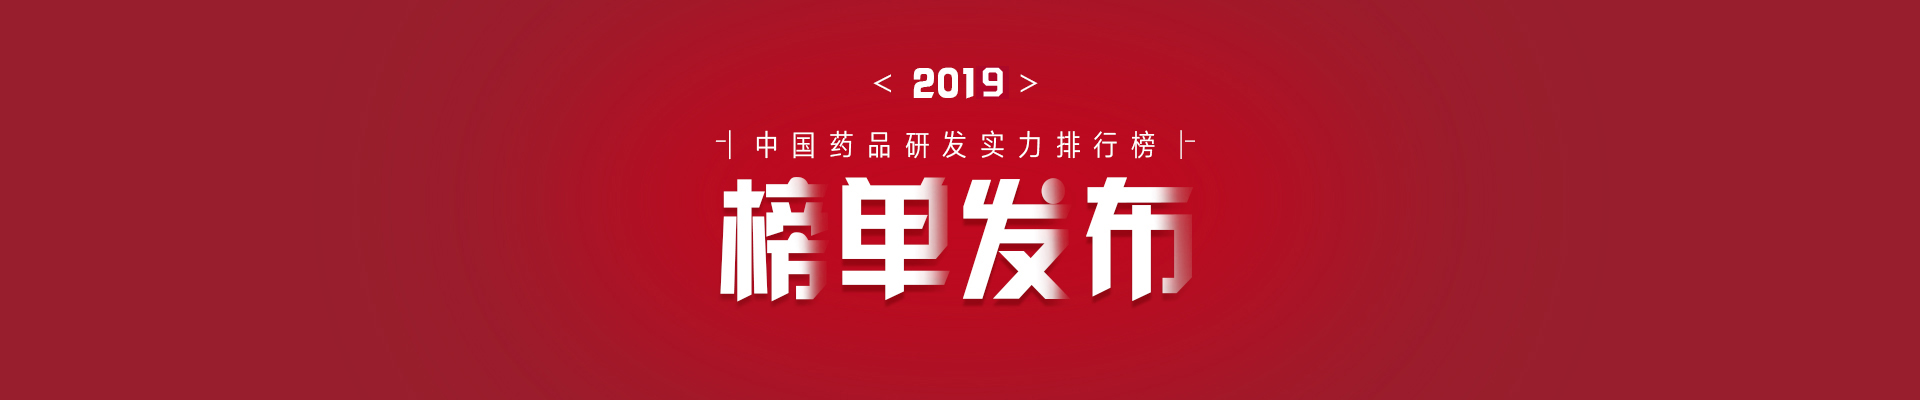 2018中国医药研发创新峰会·暨医药企业研发实力百强榜发布